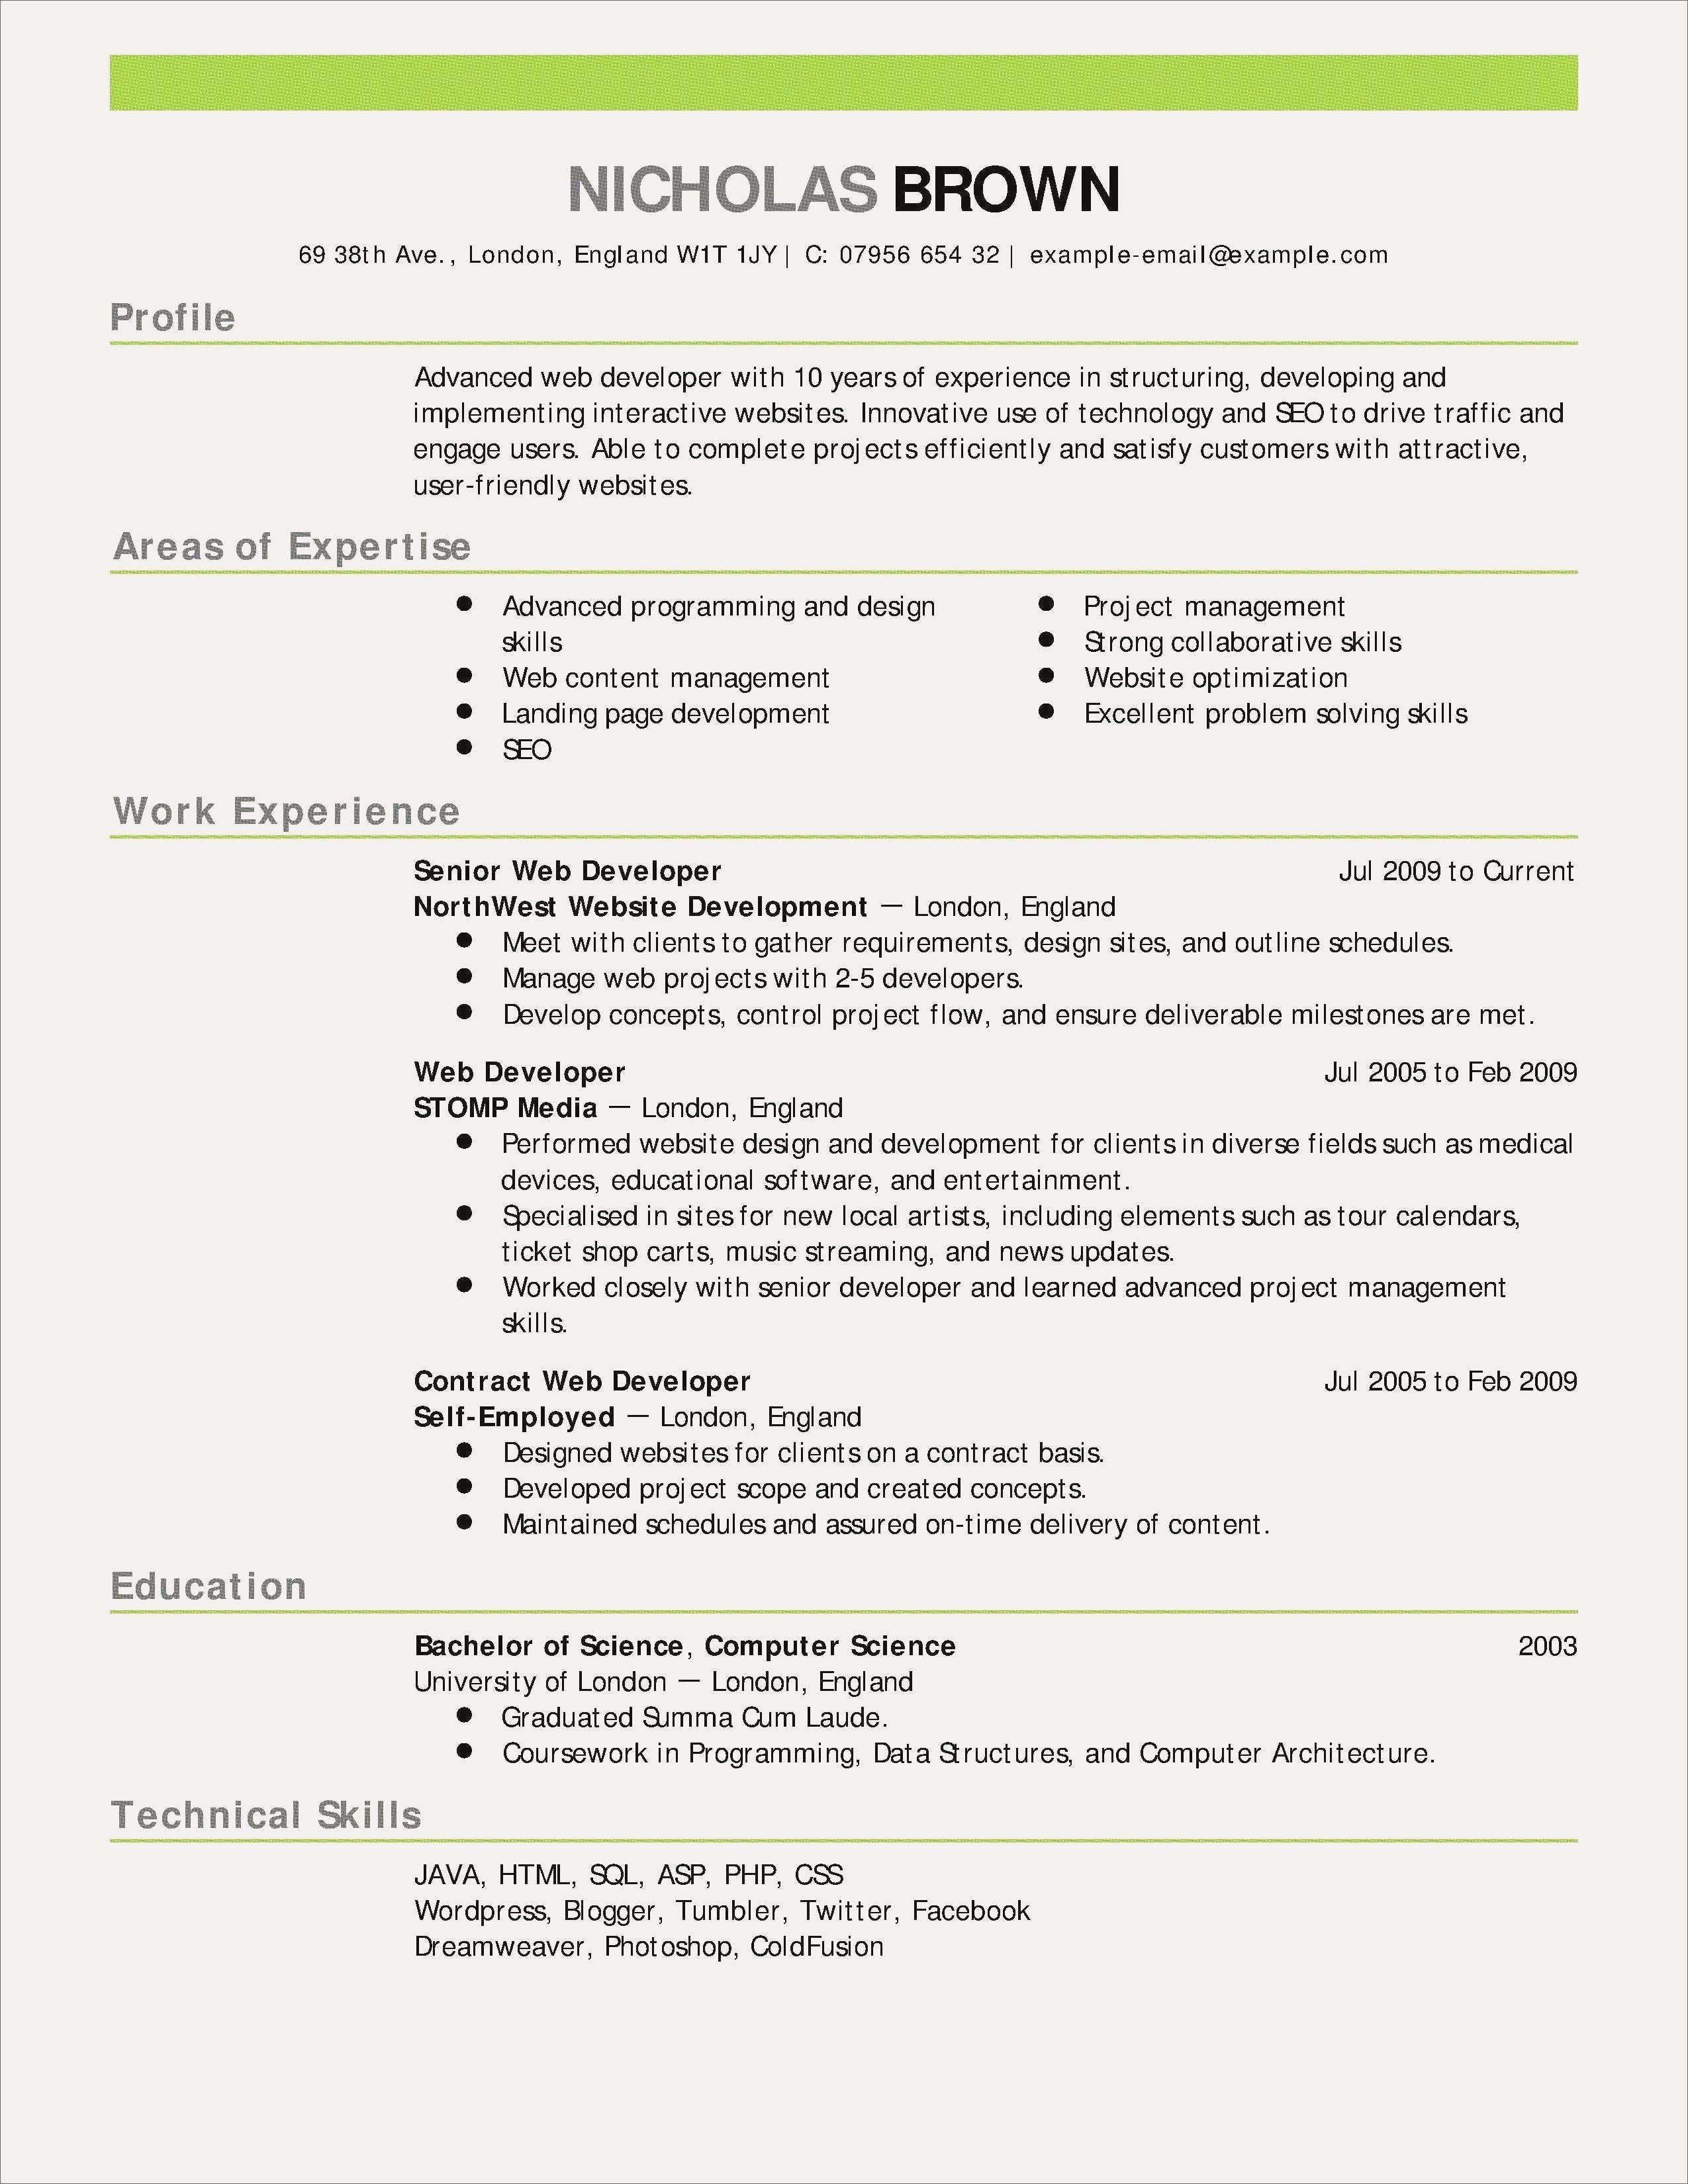 Sample Resume For Java Developer Fresher Inspirational Elegant Java Developer Fresher Resume Atclgrain Sample Teaching Resume Job Resume Examples Resume Skills